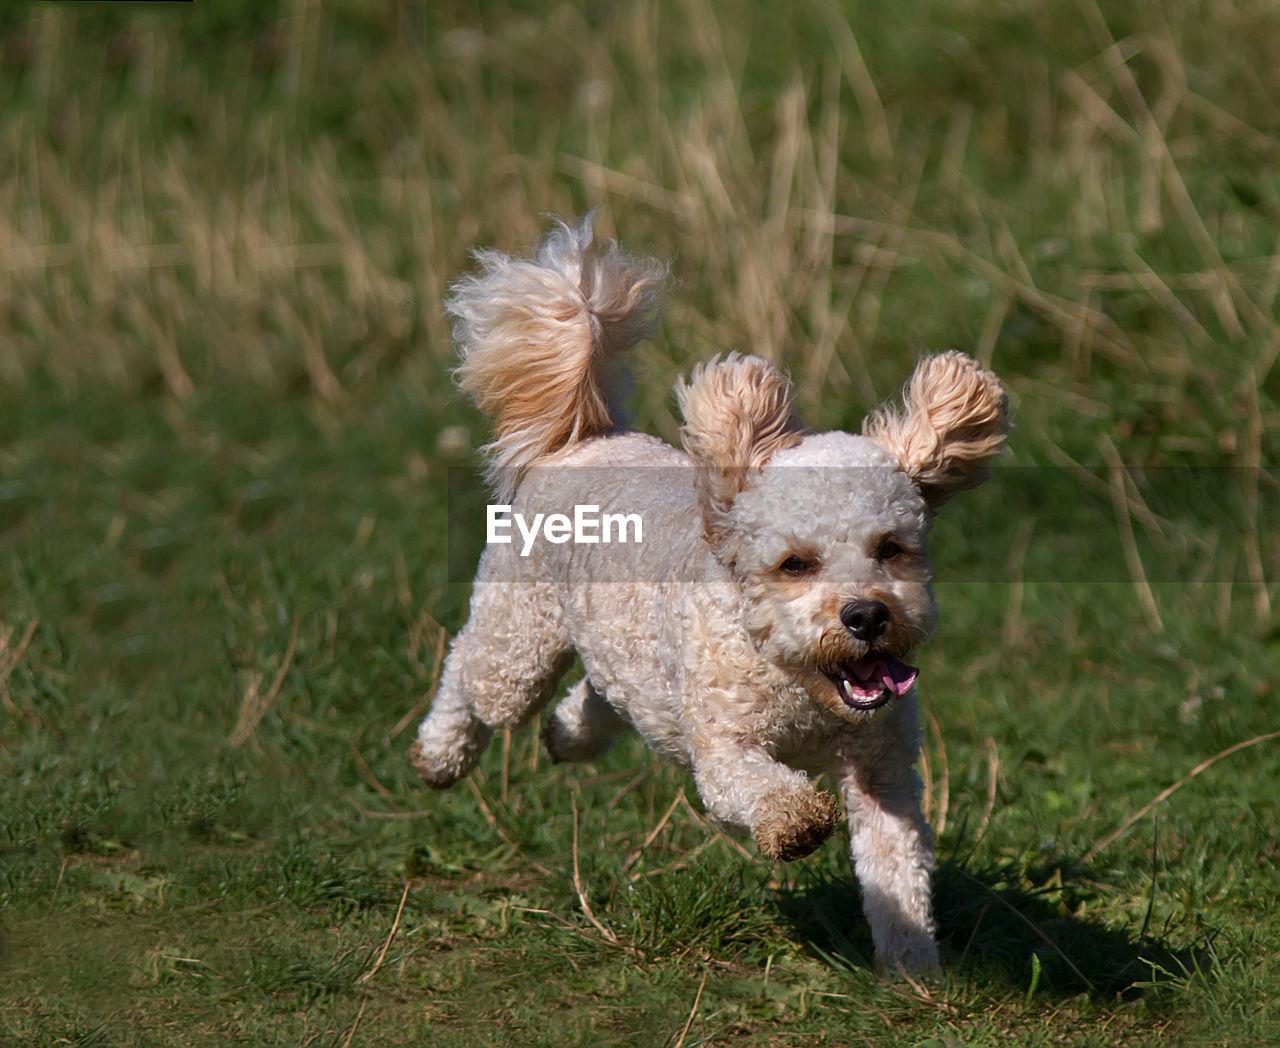 Full Length Of Puppy Running On Grassy Field